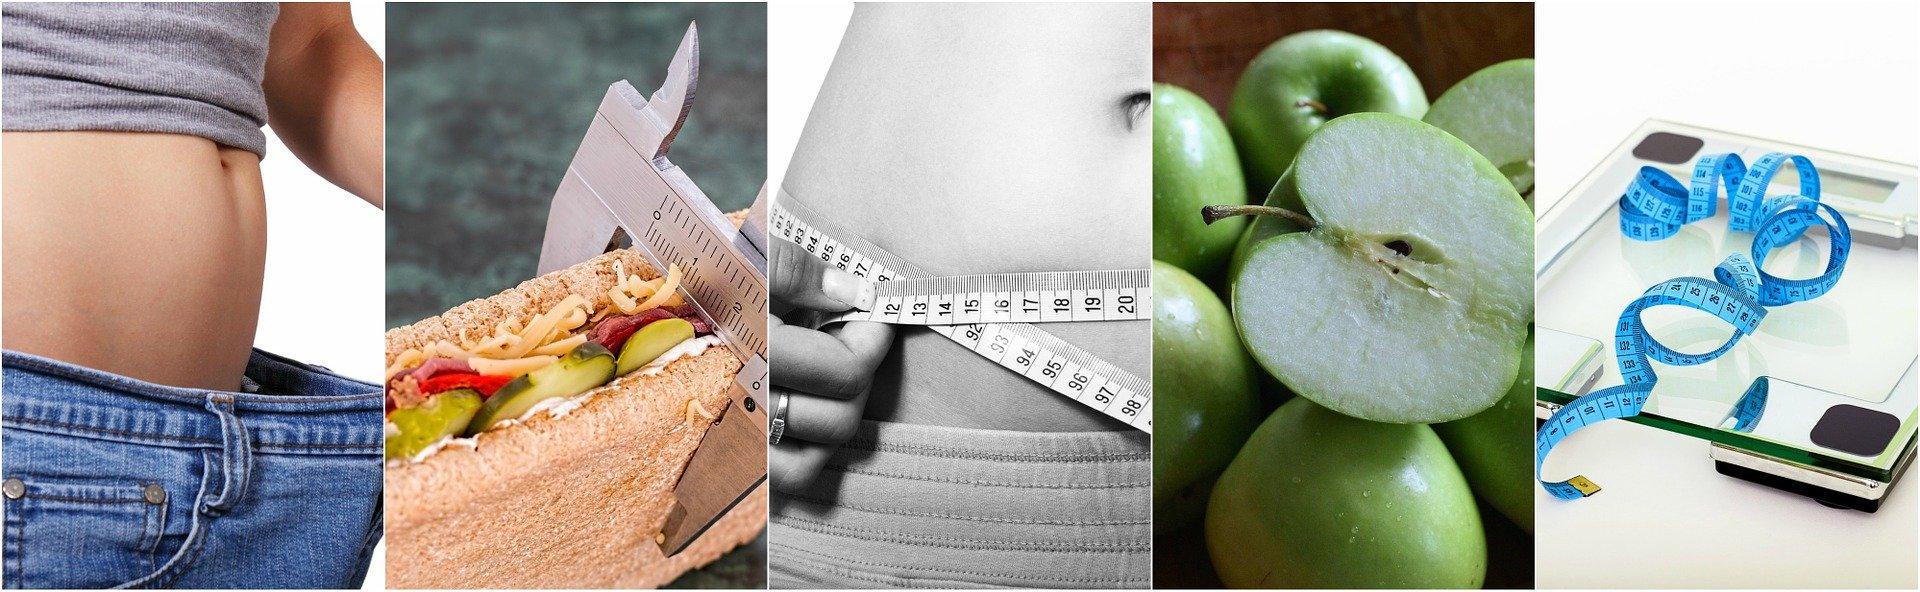 сколько калорий, калории